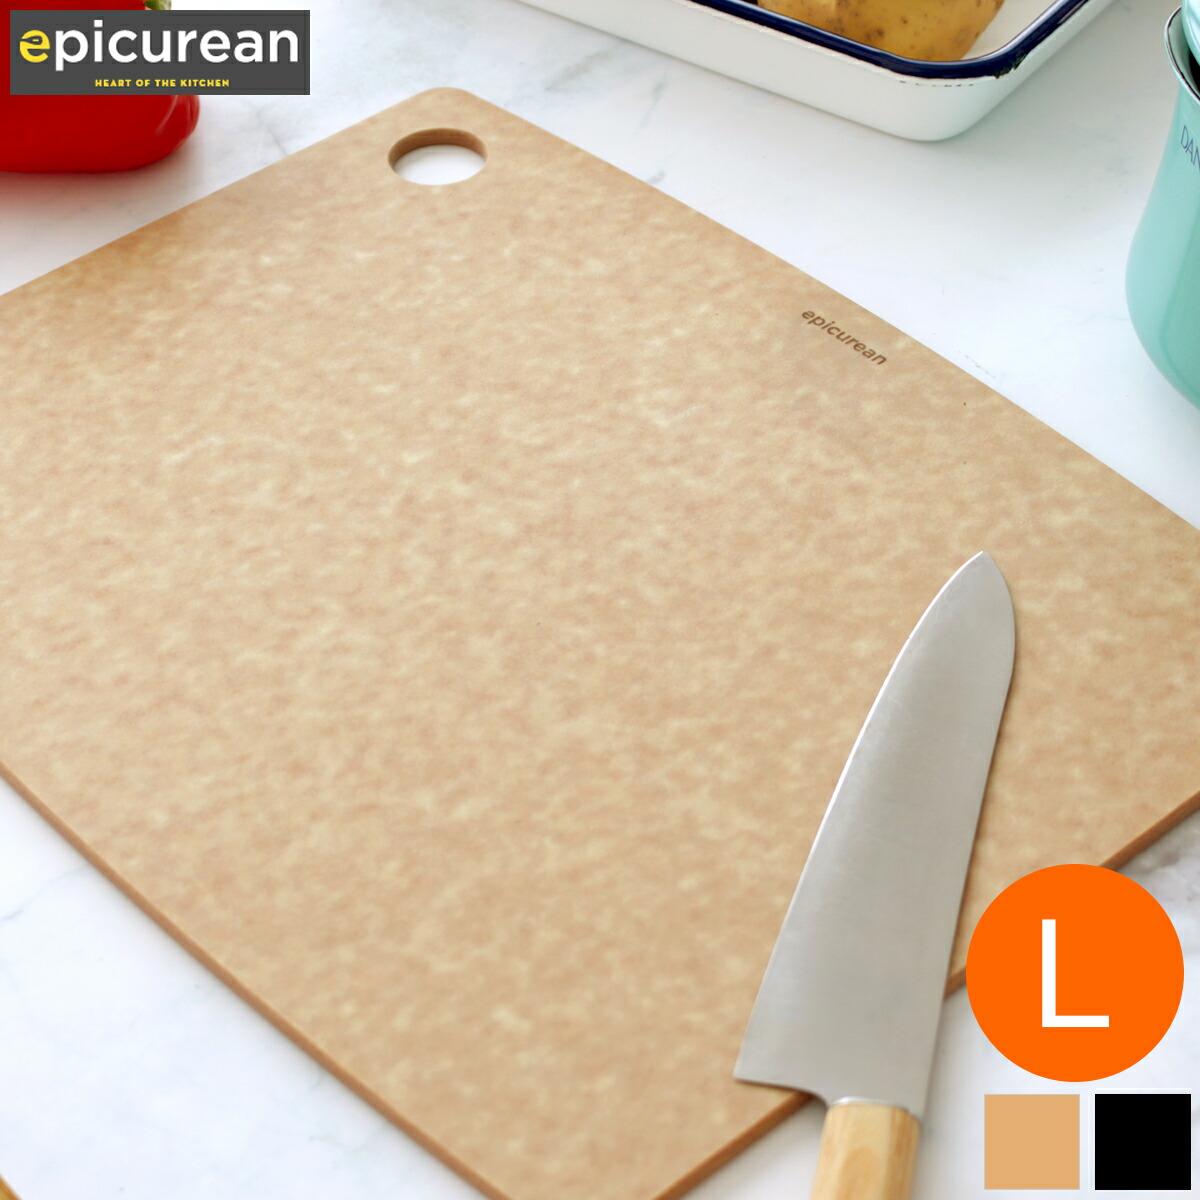 エピキュリアン カッティングボード L サイズ まな板 epicurean アメリカ 軽い 薄型 食洗機対応